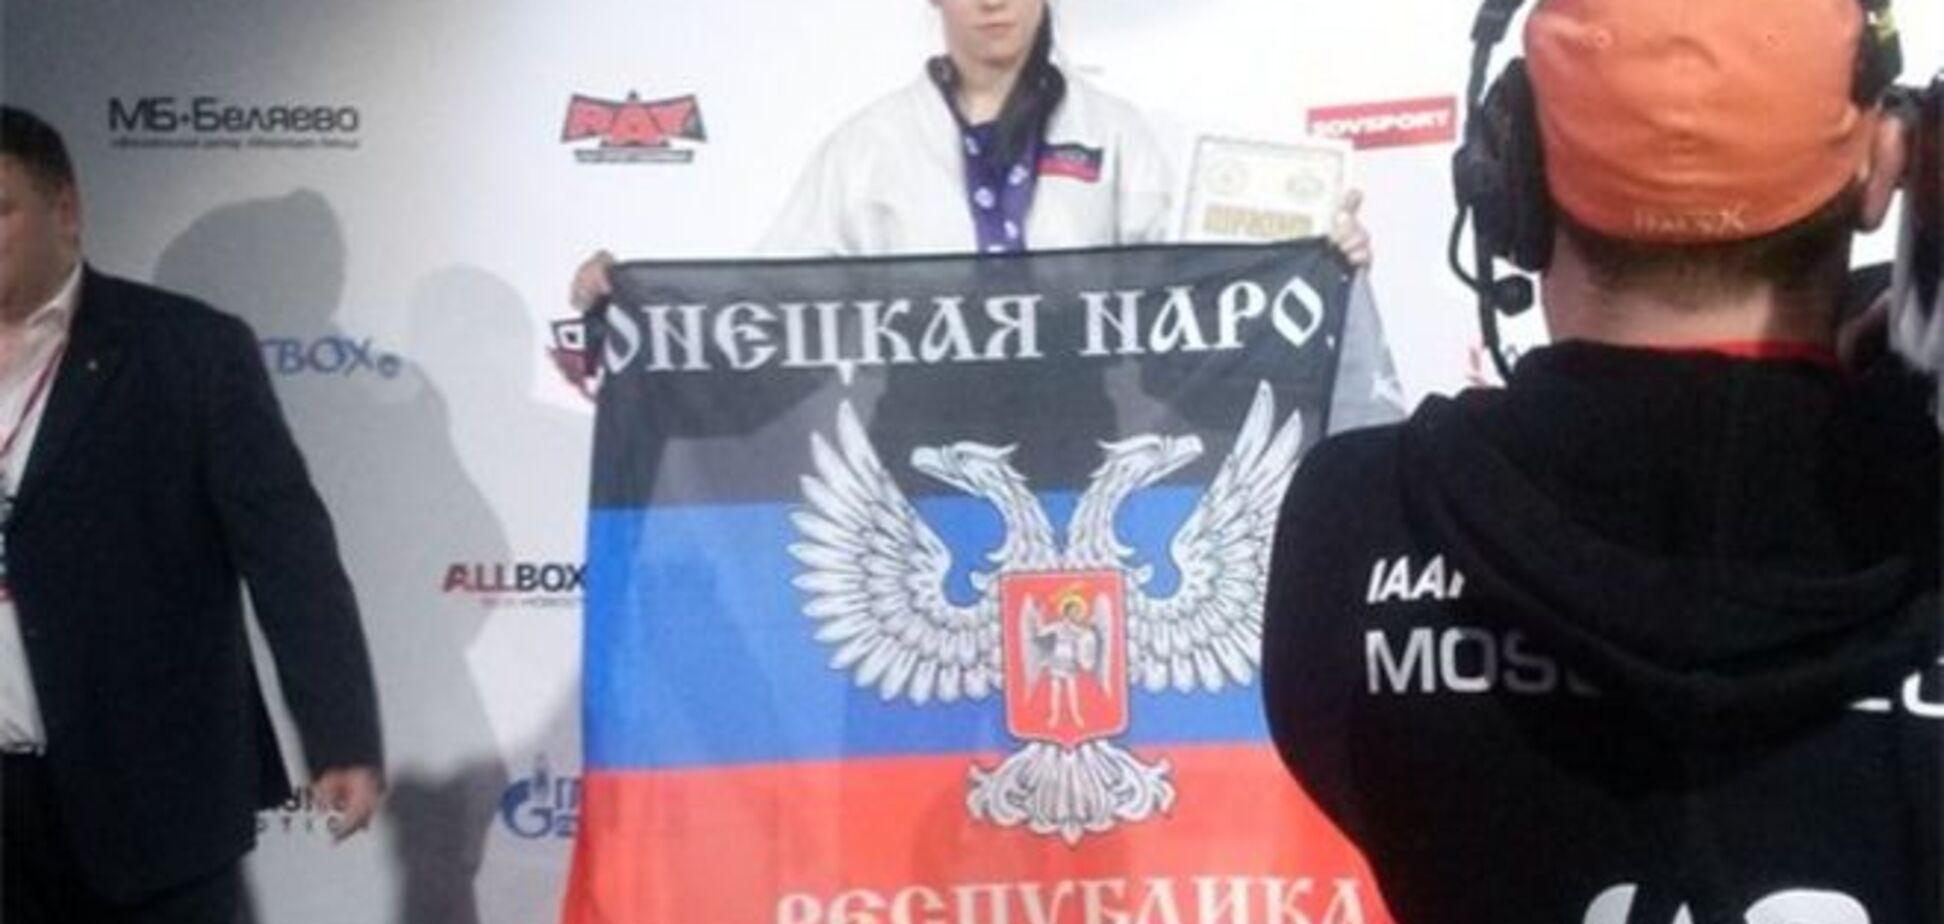 Предательство: украинская спортсменка вышла с флагом 'ДНР' на чемпионате мира